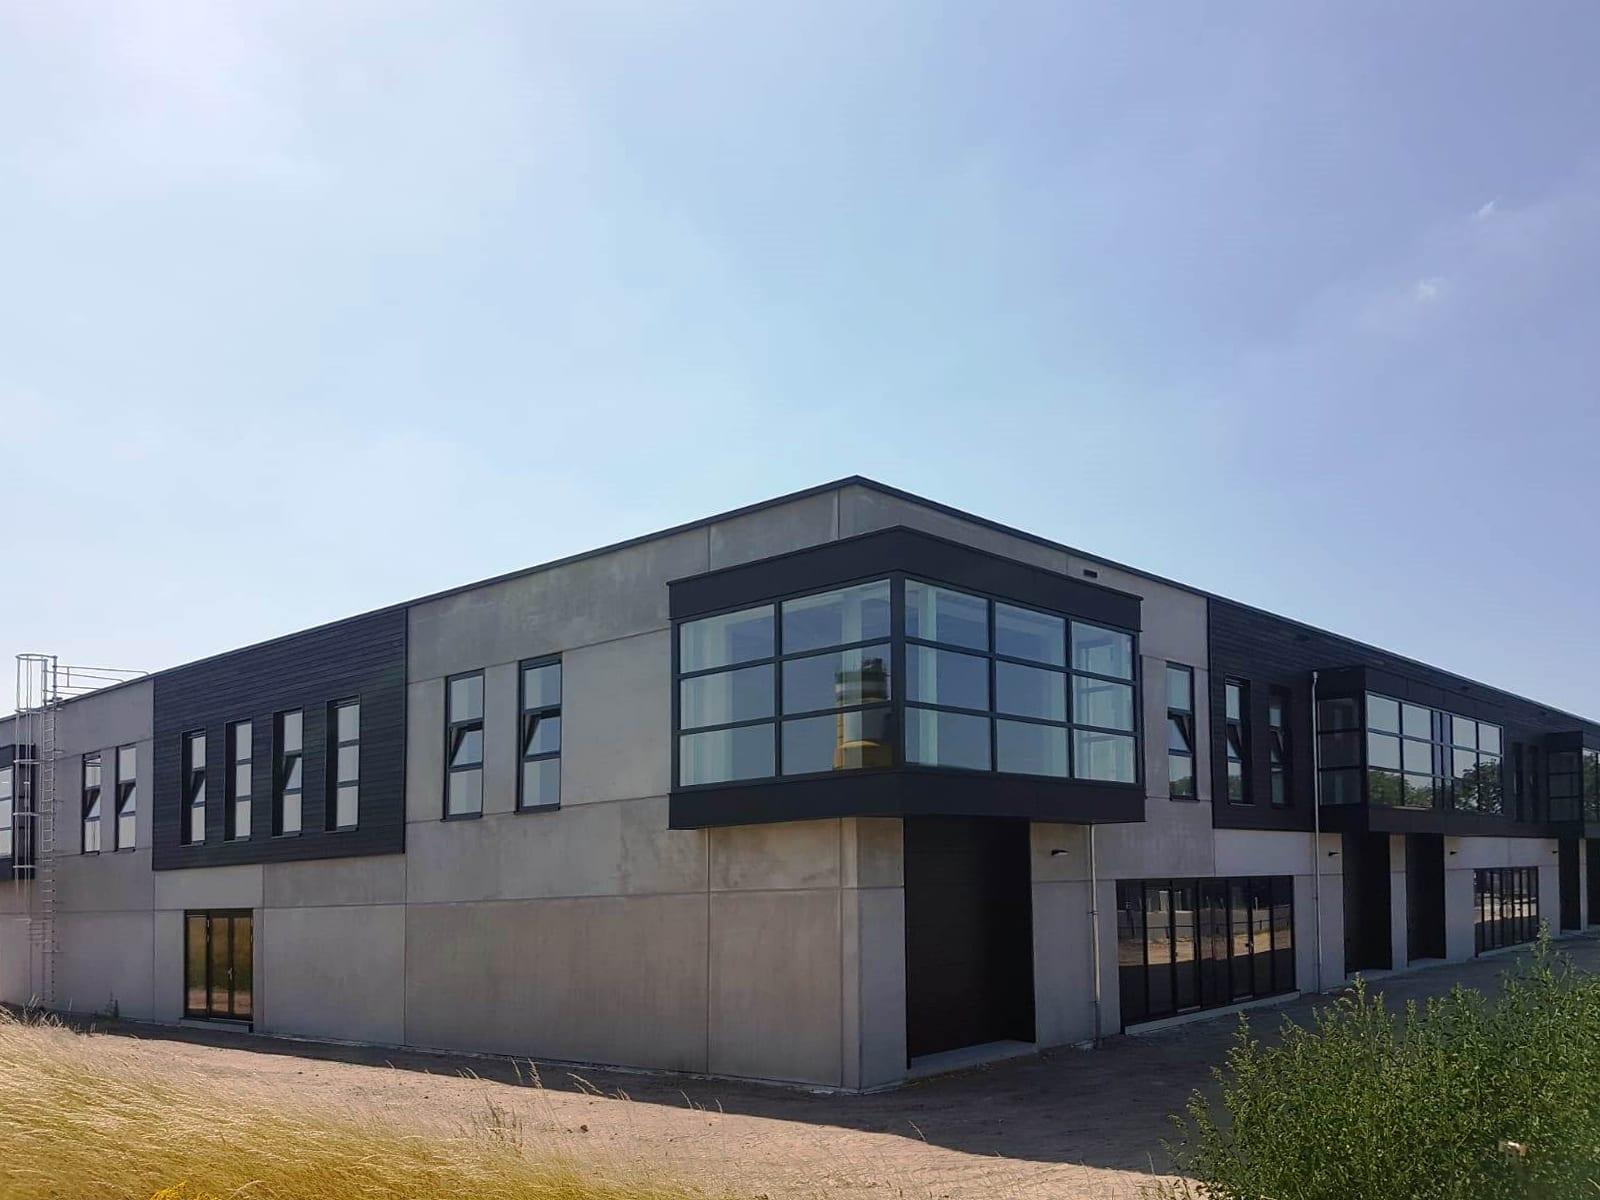 Bedrijfsverzamelgebouw De Botter Zwolle